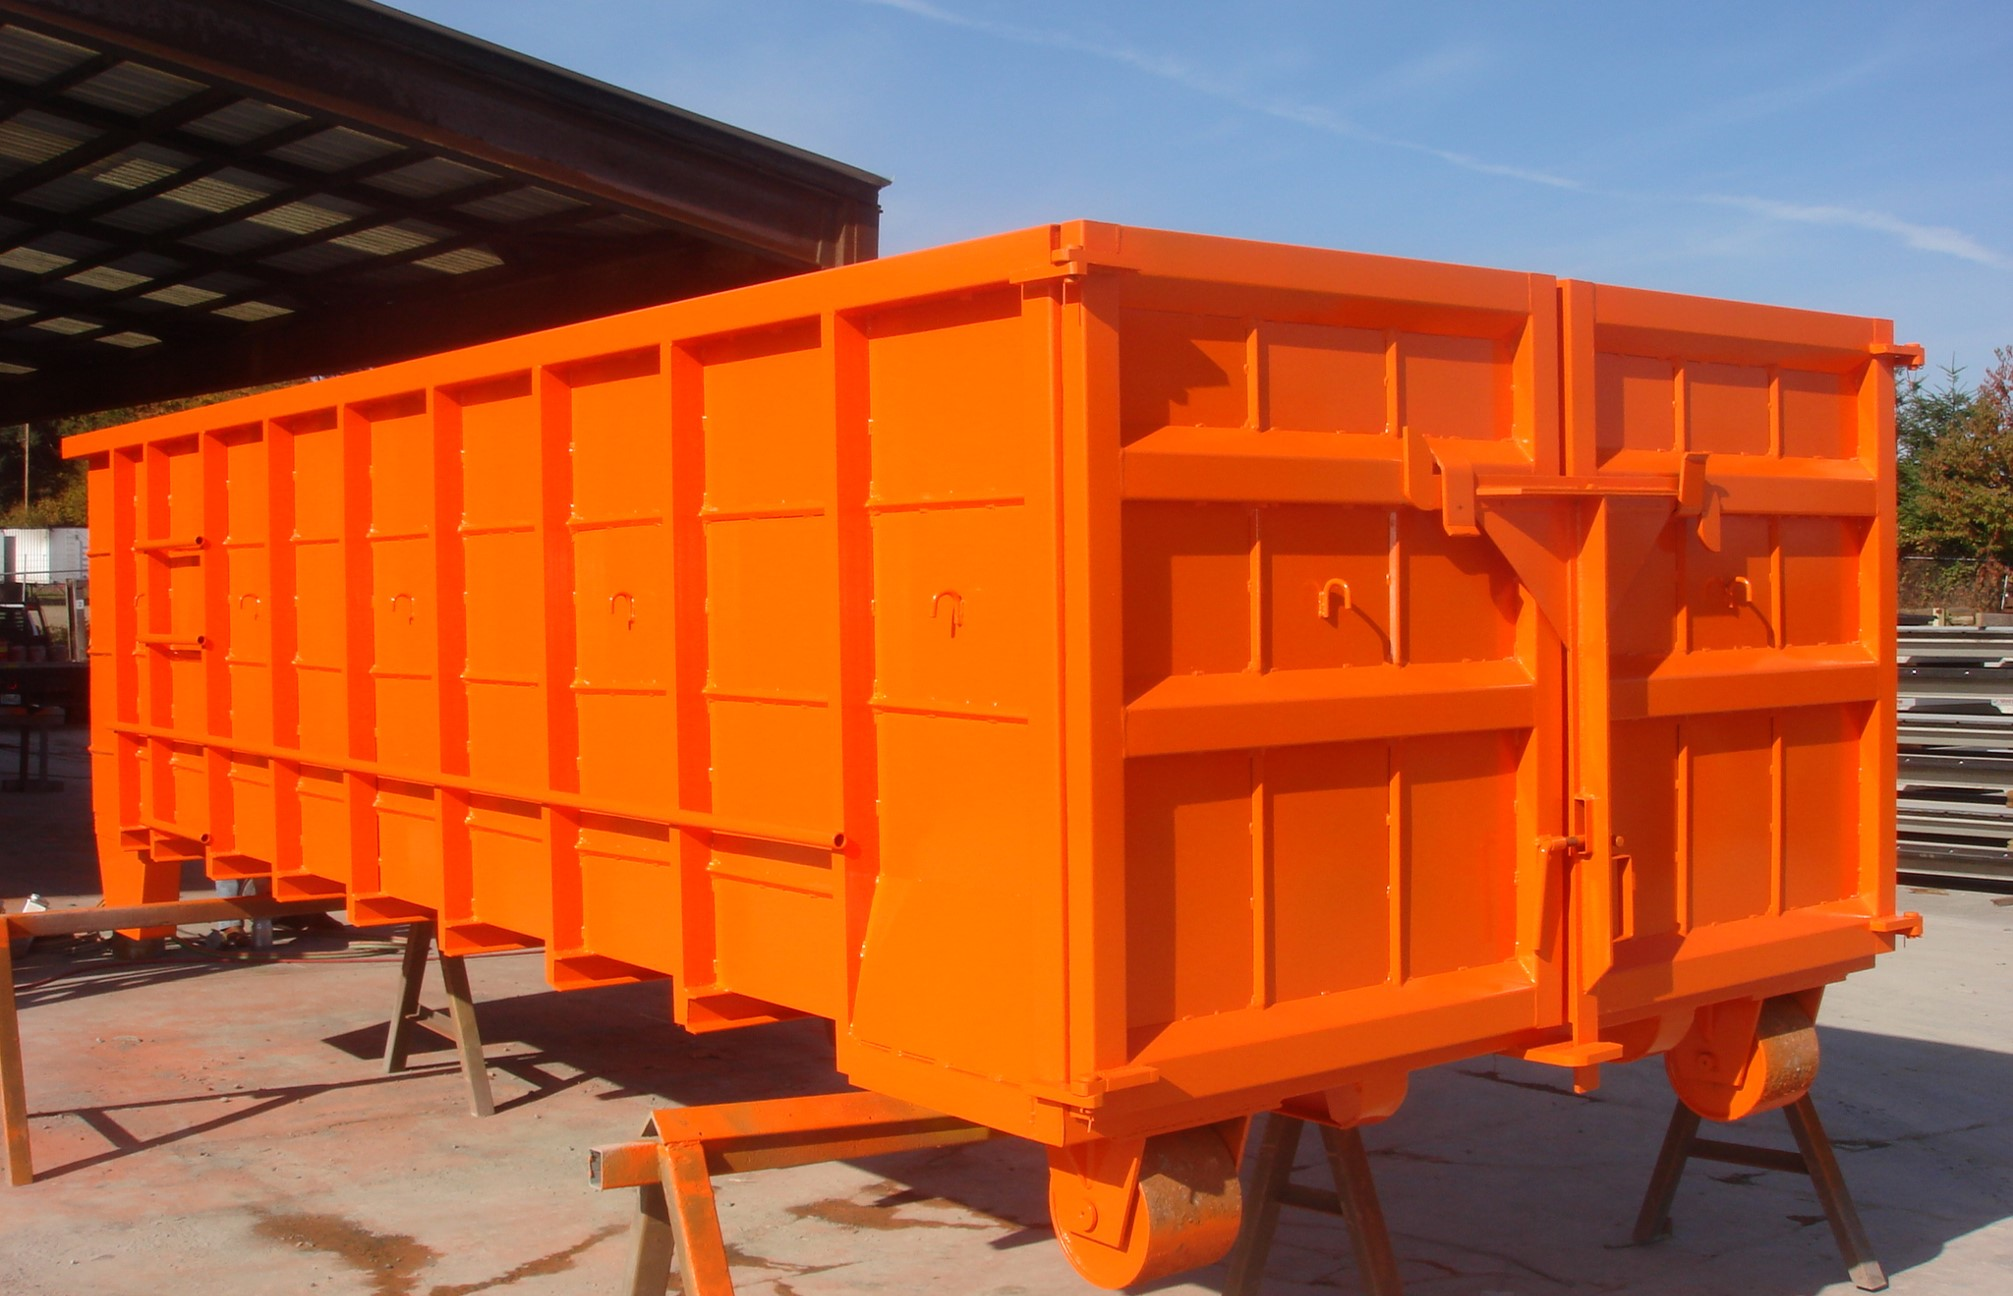 Steel Recycling Bin